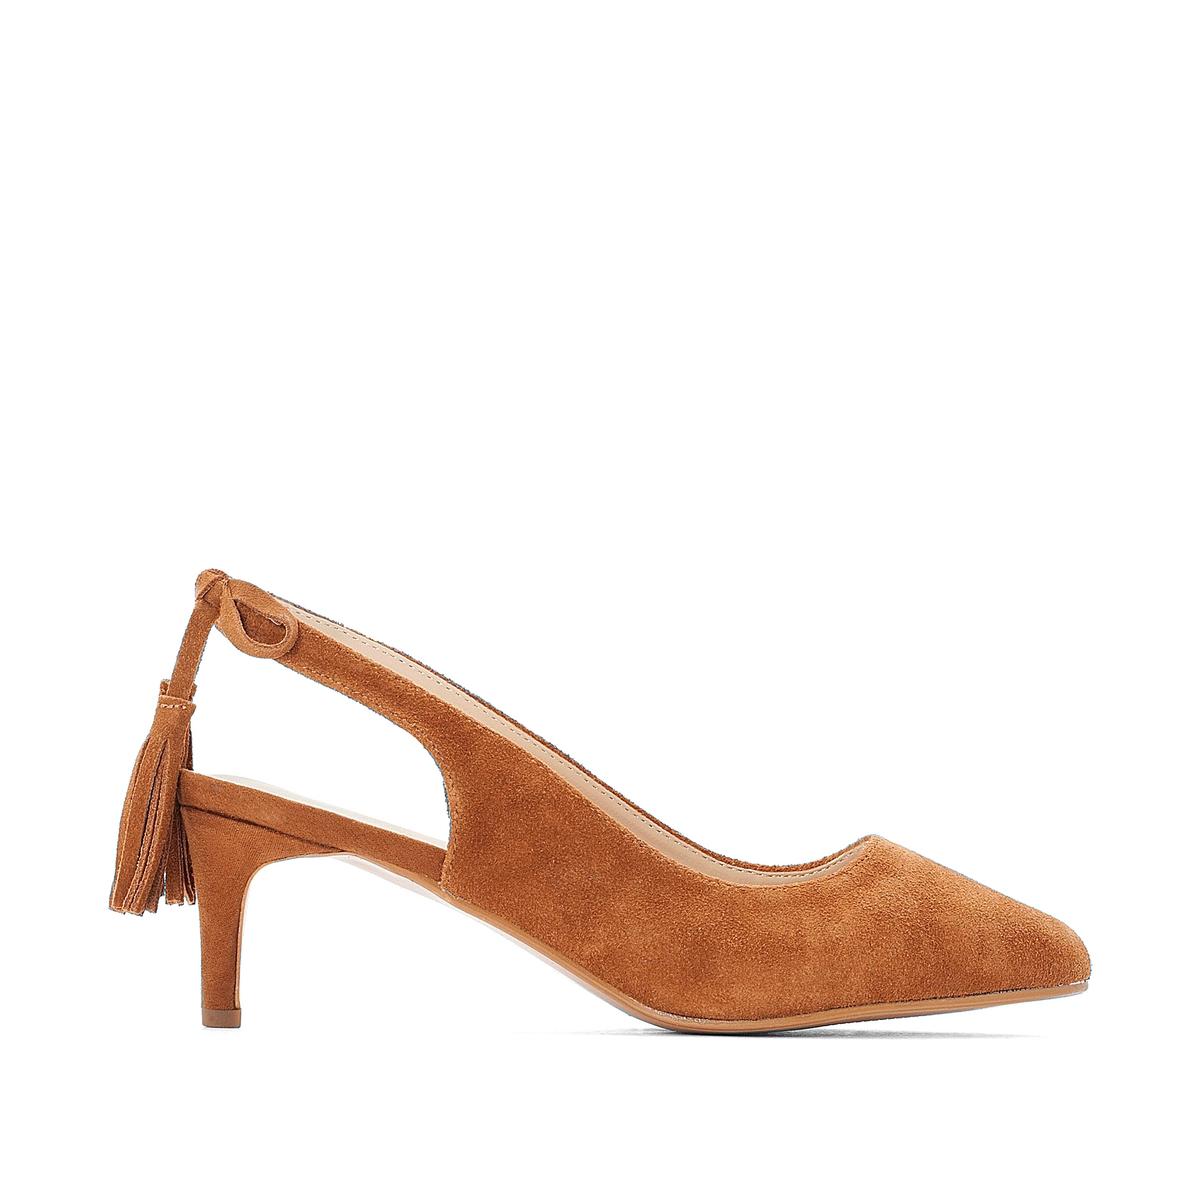 цена Туфли La Redoute С заостренным мыском с помпоном для широкой стопы размеры - 38 каштановый онлайн в 2017 году